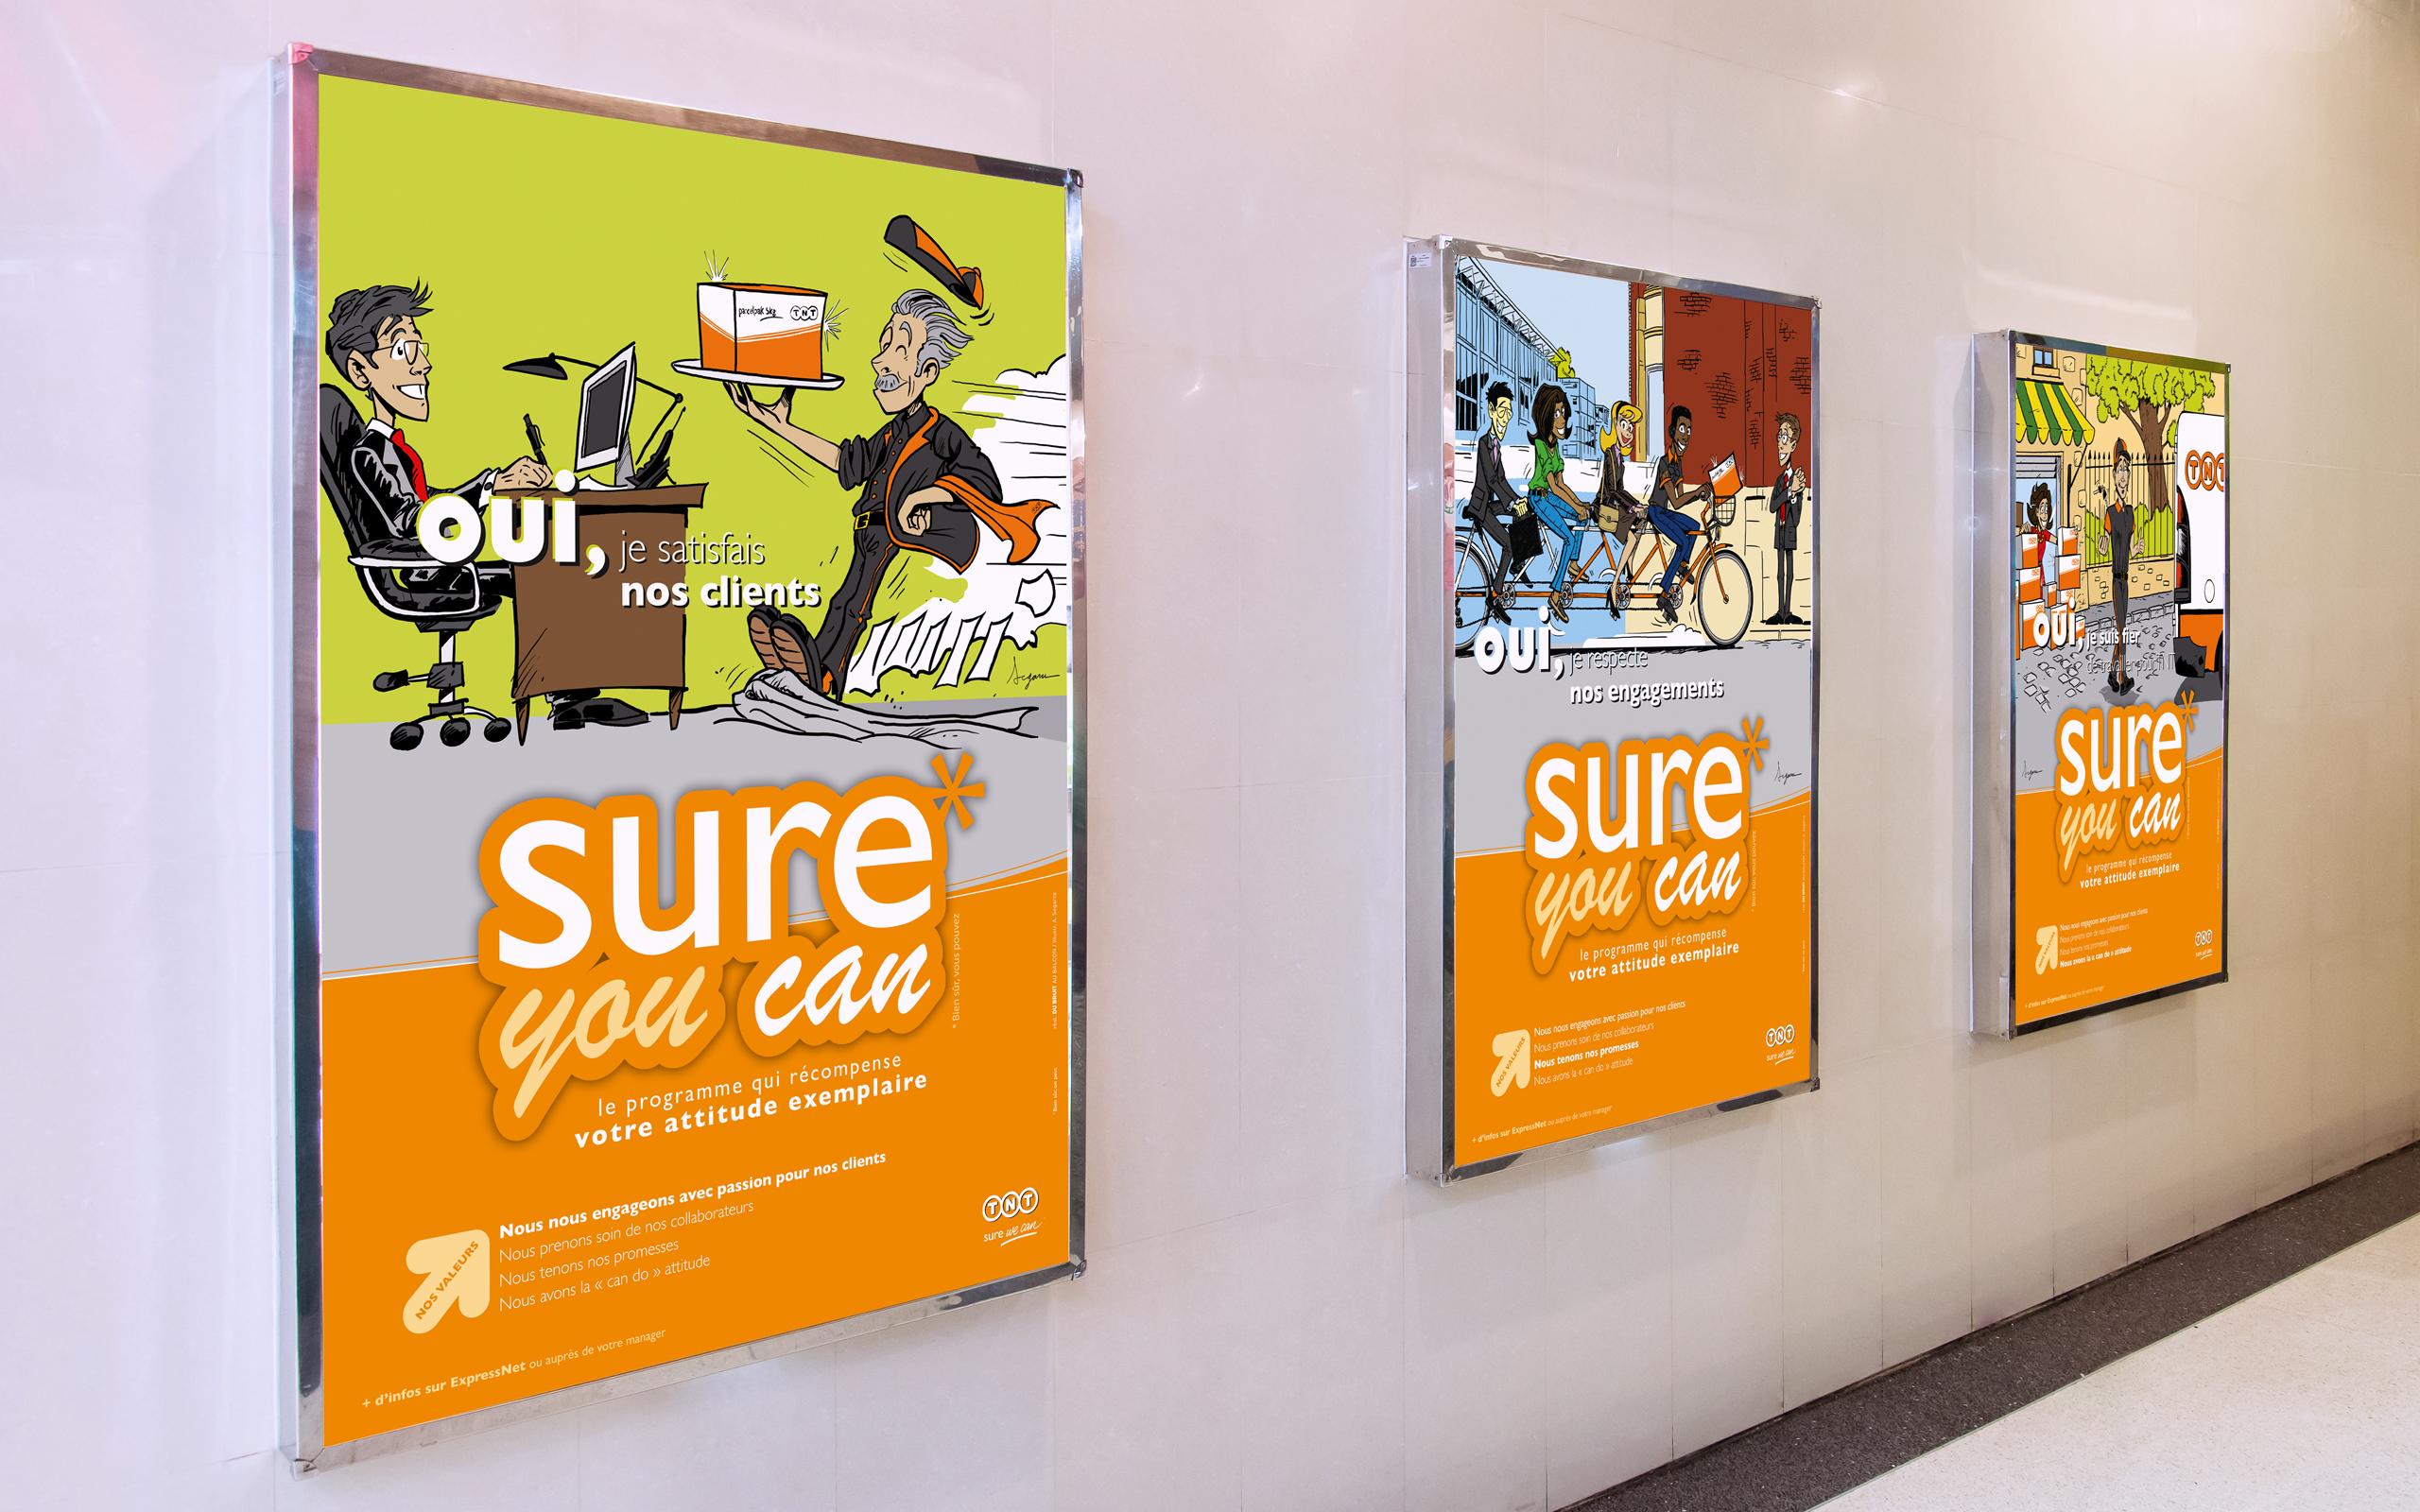 Mise en situation de plusieurs affiches de la campagne SURE YOU CAN avec 3 modèles d'affiches